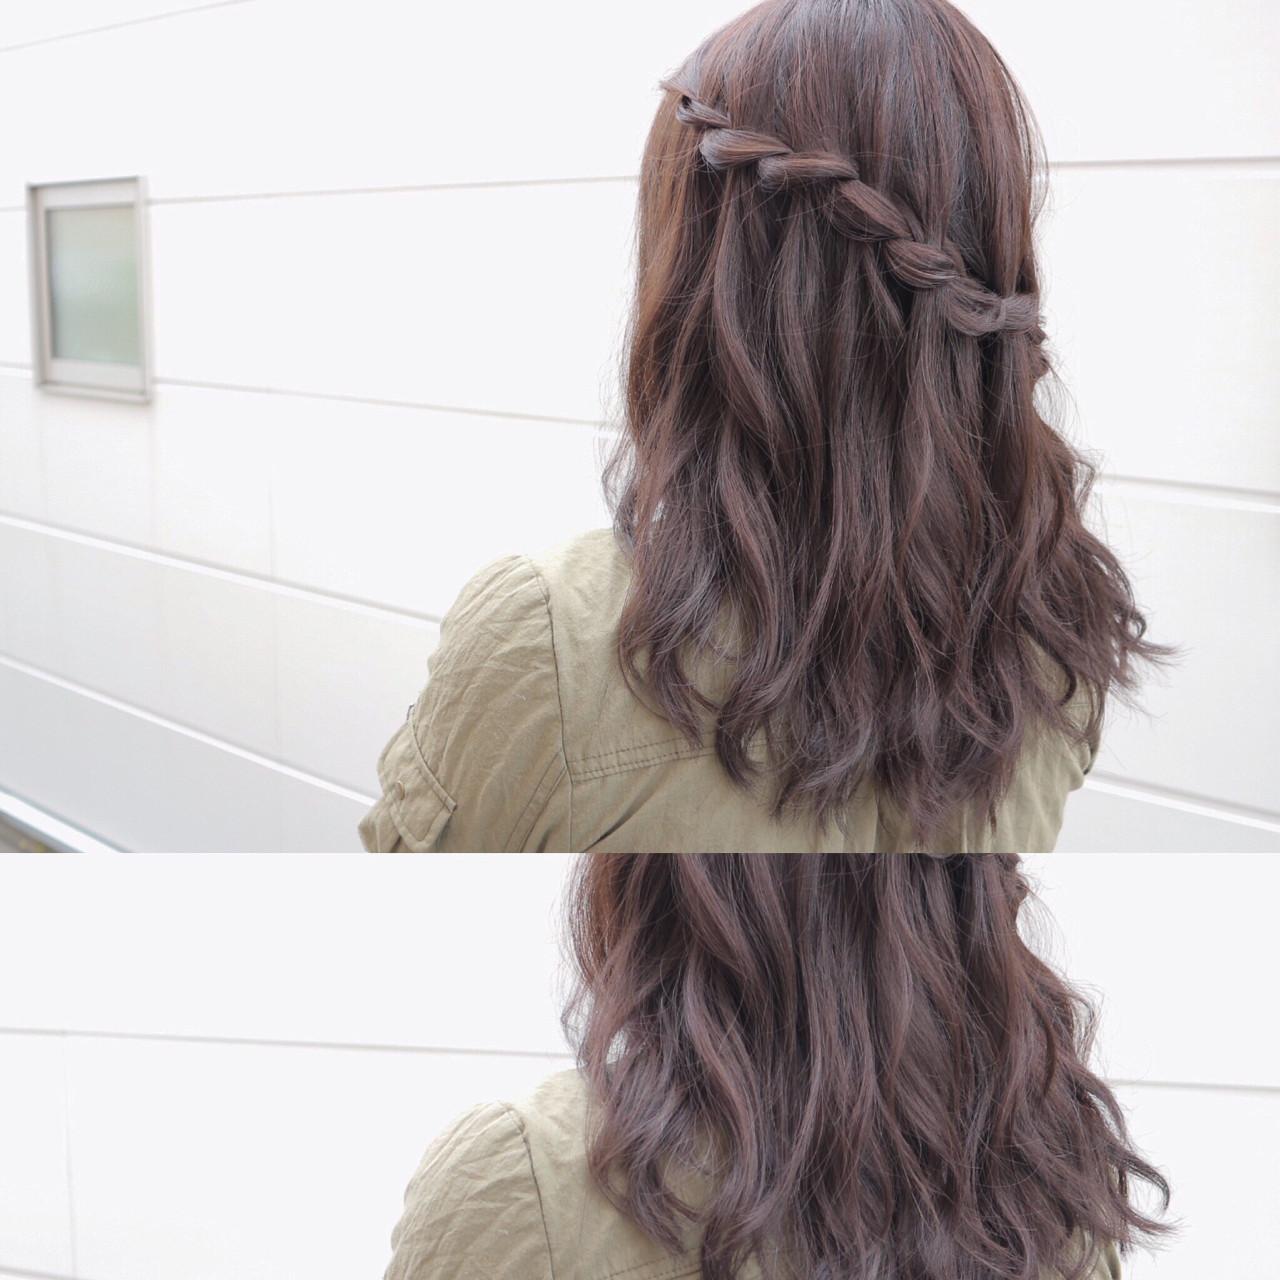 意外と簡単!?ウォーターフォールのヘアアレンジ◎簡単にできるやり方 ryota kuwamura | 函館/CALIF hair store/キャリフ ヘアストア